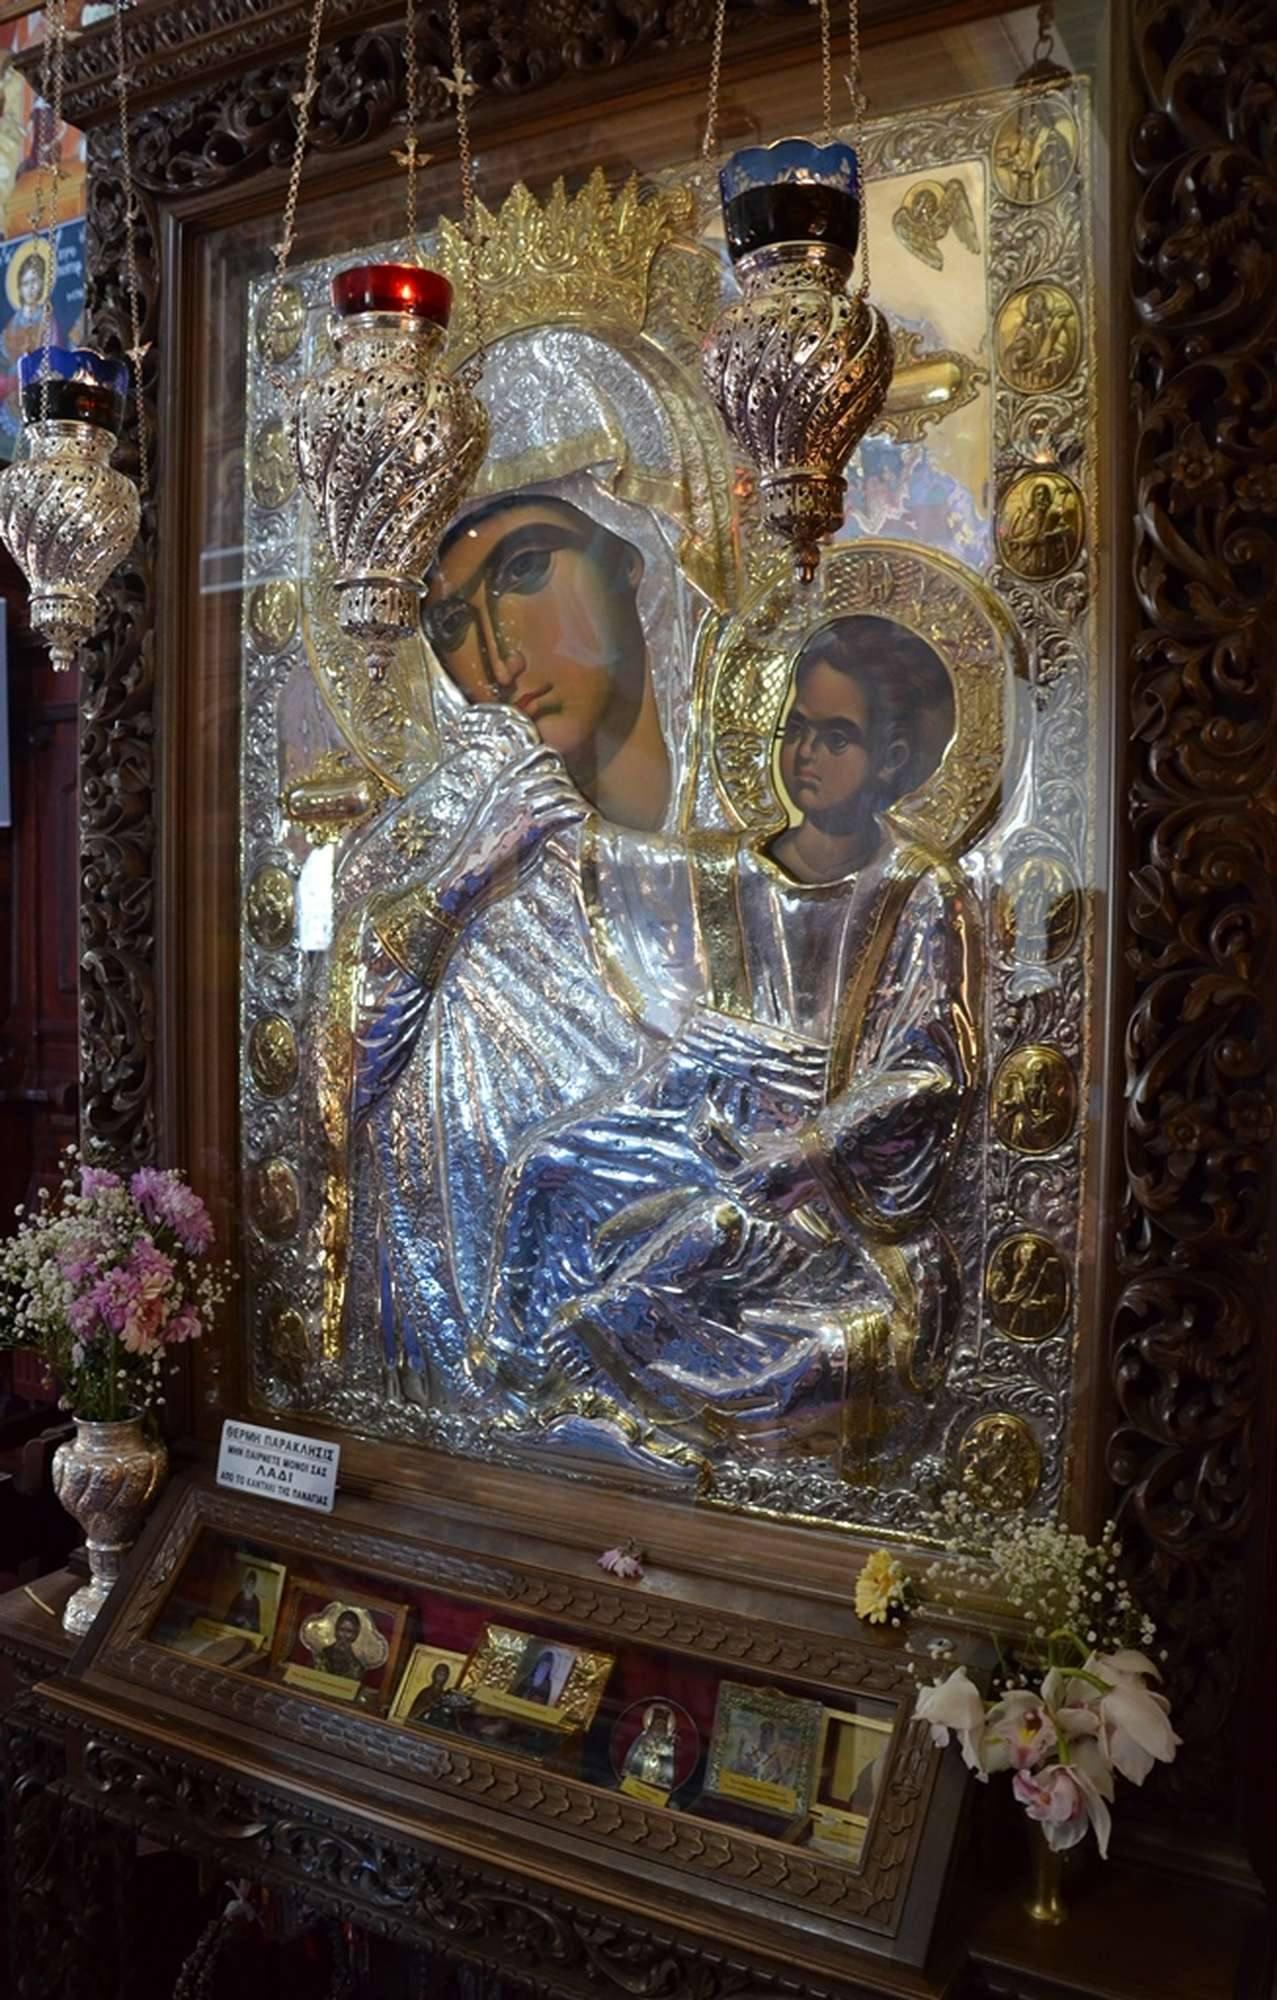 Почитаемая икона Богородицы Отрада и Утешение в монастыре Пантократор